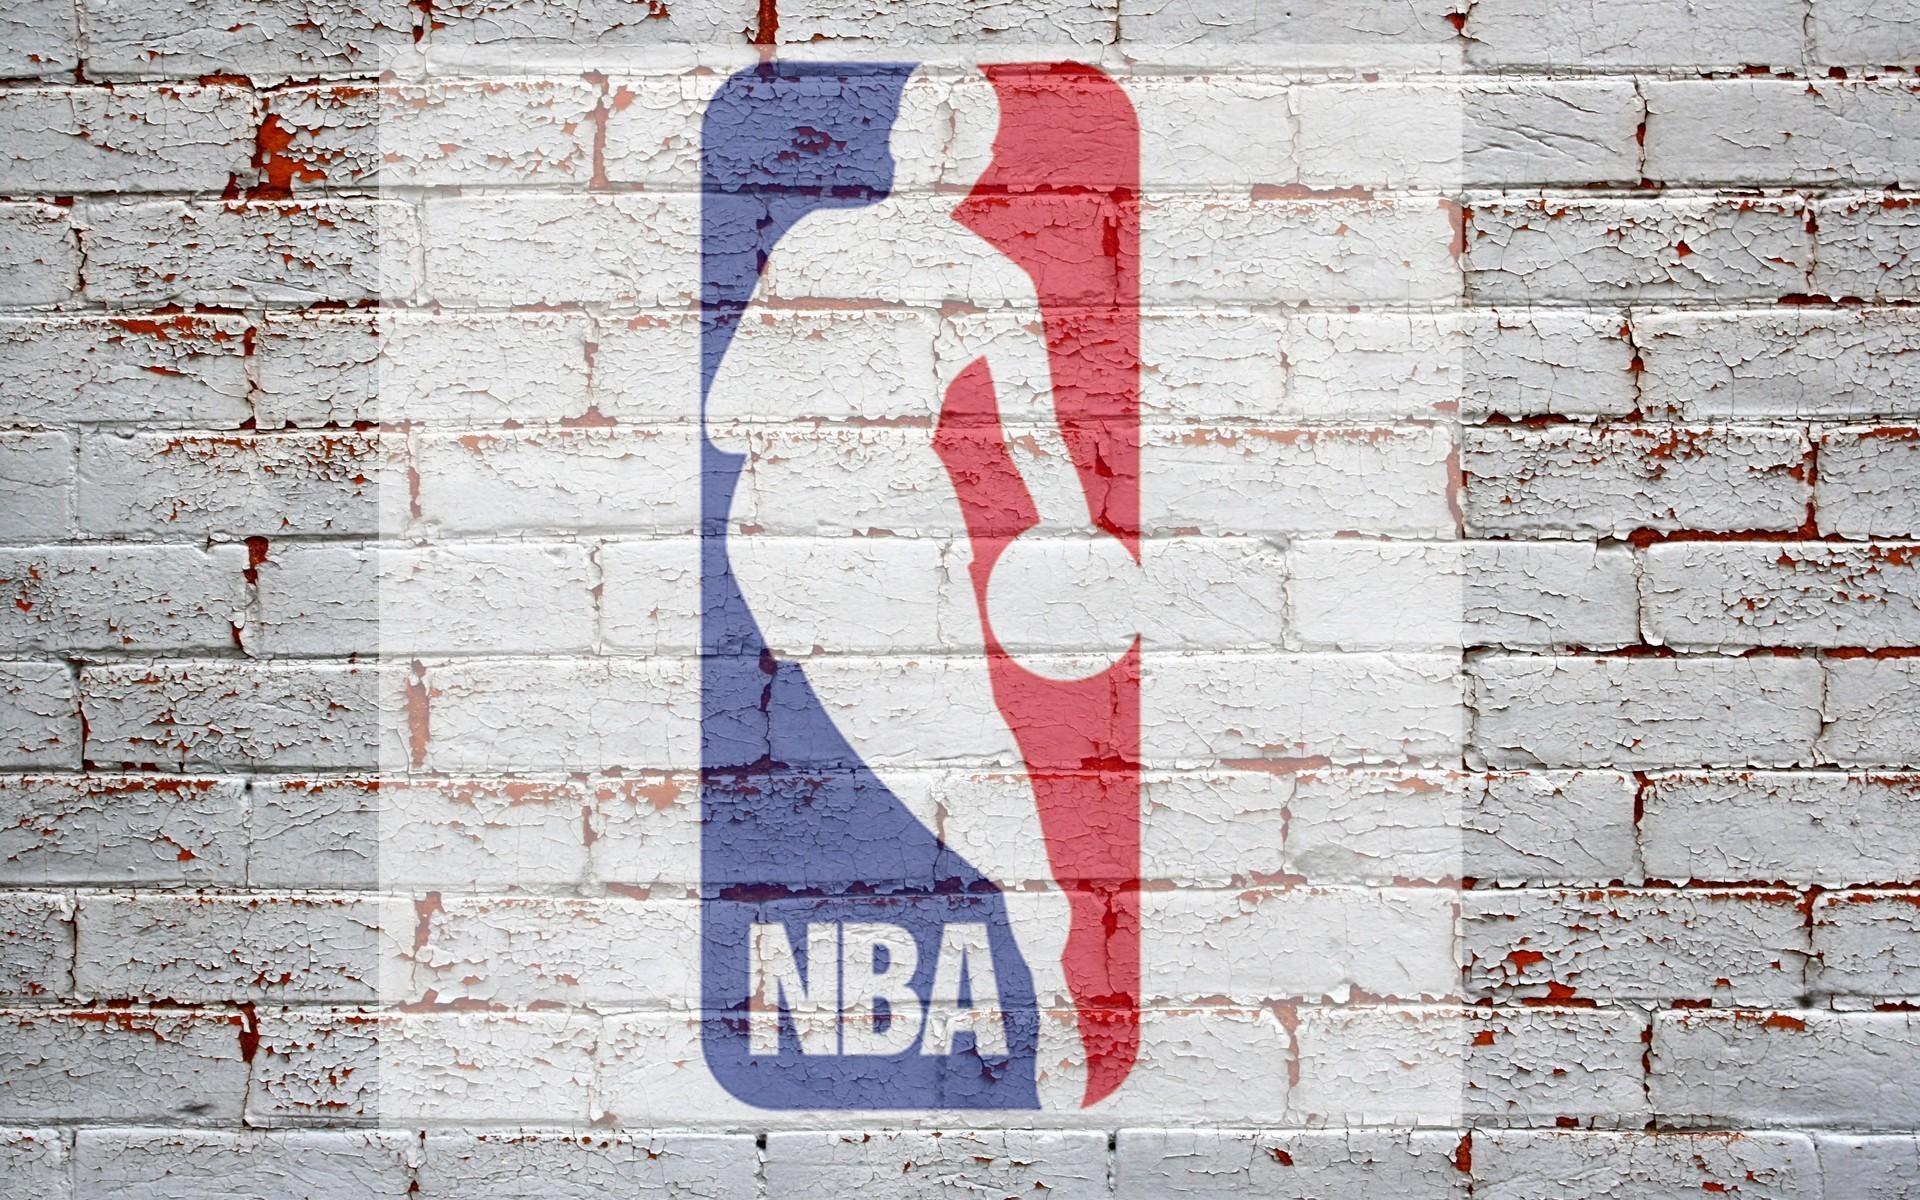 Nba-Wallpaper-Good-Backgrounds